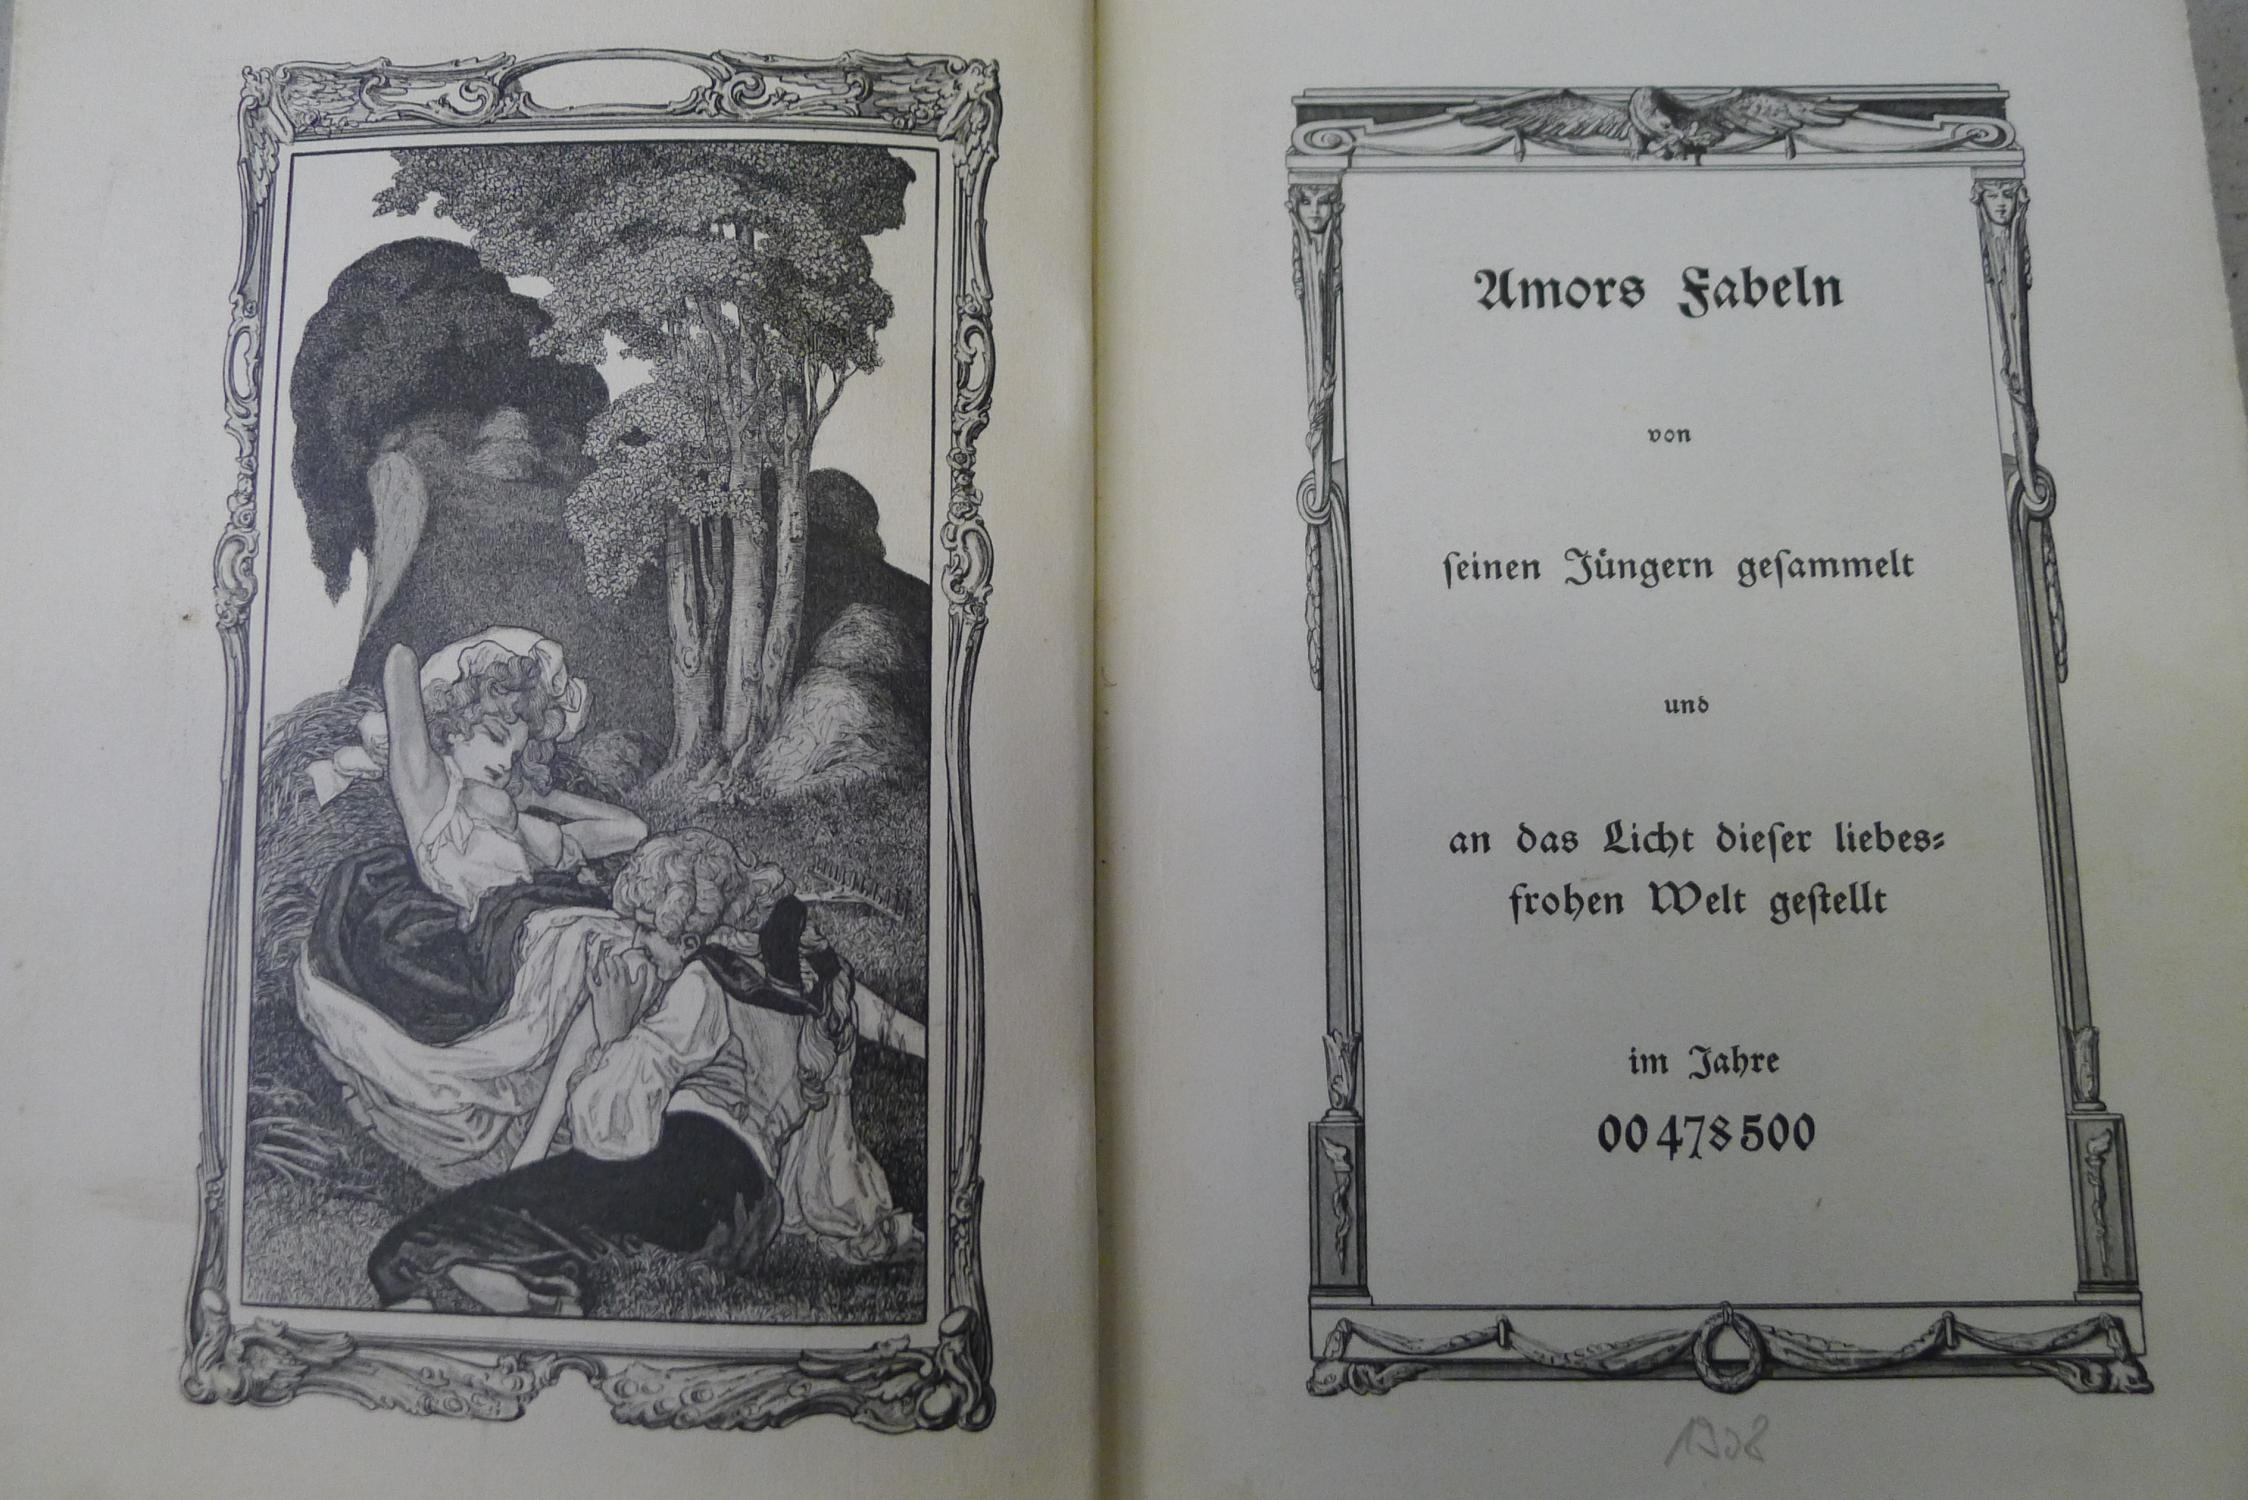 Amors Fabeln von seinen Jüngern gesammelt und: Cythere: